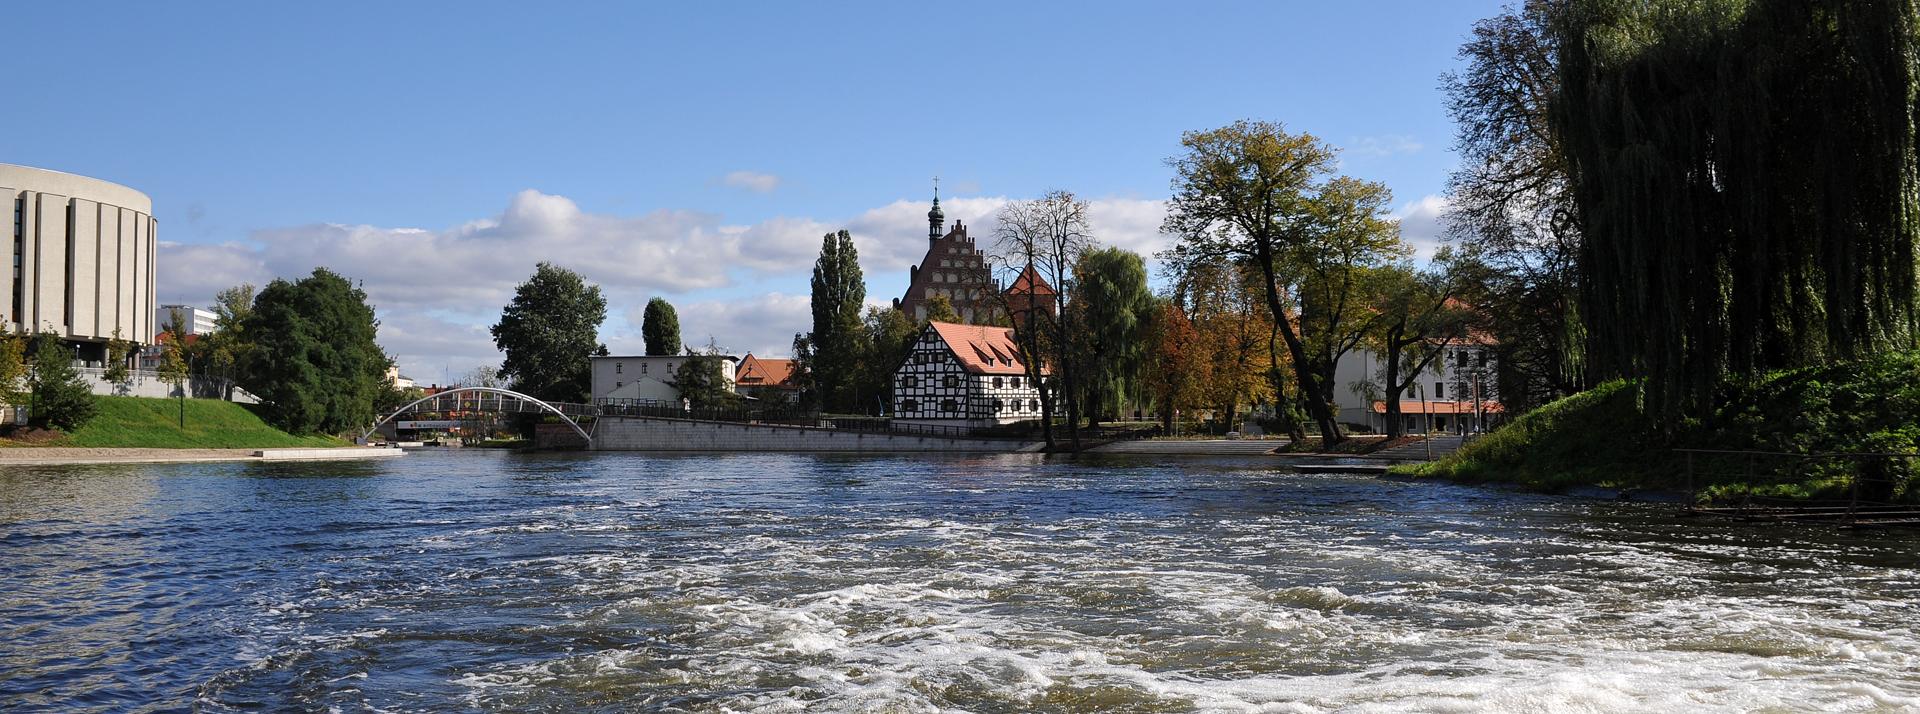 Bydgoszcz - nasze miasto